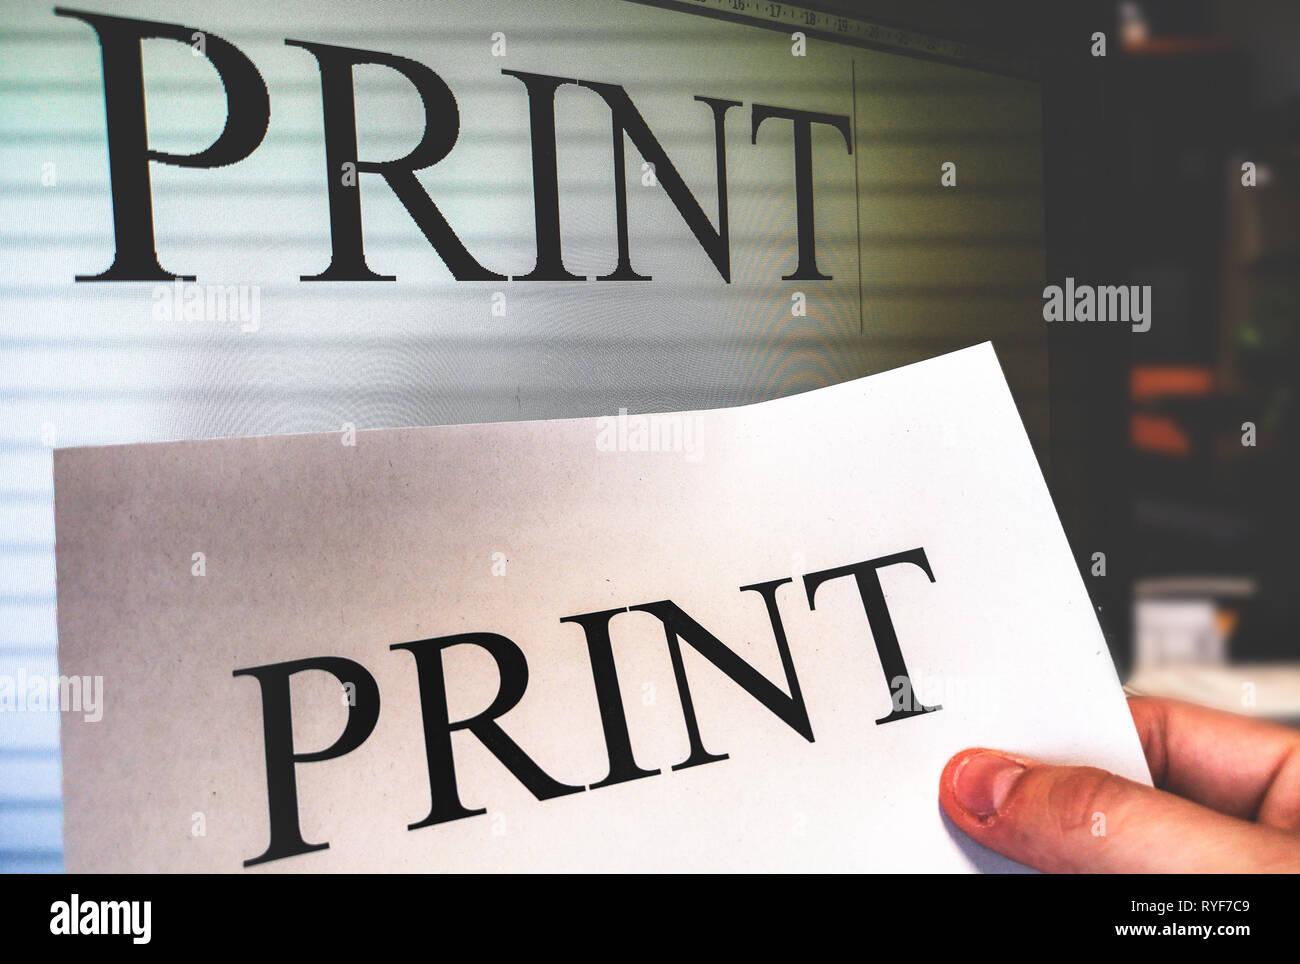 Drucker hand Halten ein Blatt drucken mit Word processor Software Bildschirm Hintergrund im Büro Stockfoto